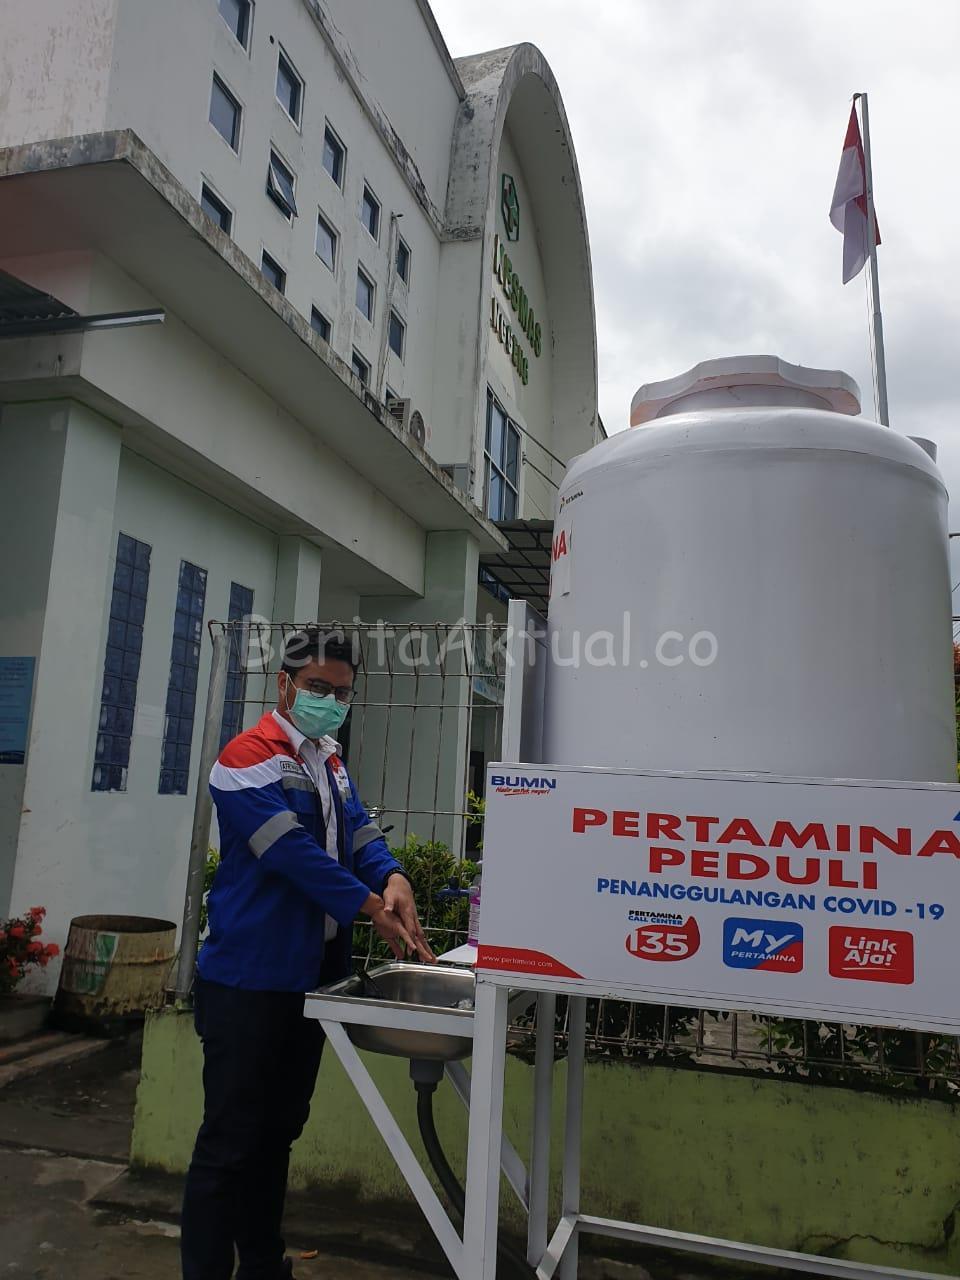 Bantu Pemerintah Cegah Corona, Pertamina Salurkan 300 Paket Bantuan di Manokwari 2 IMG 20200331 WA0058